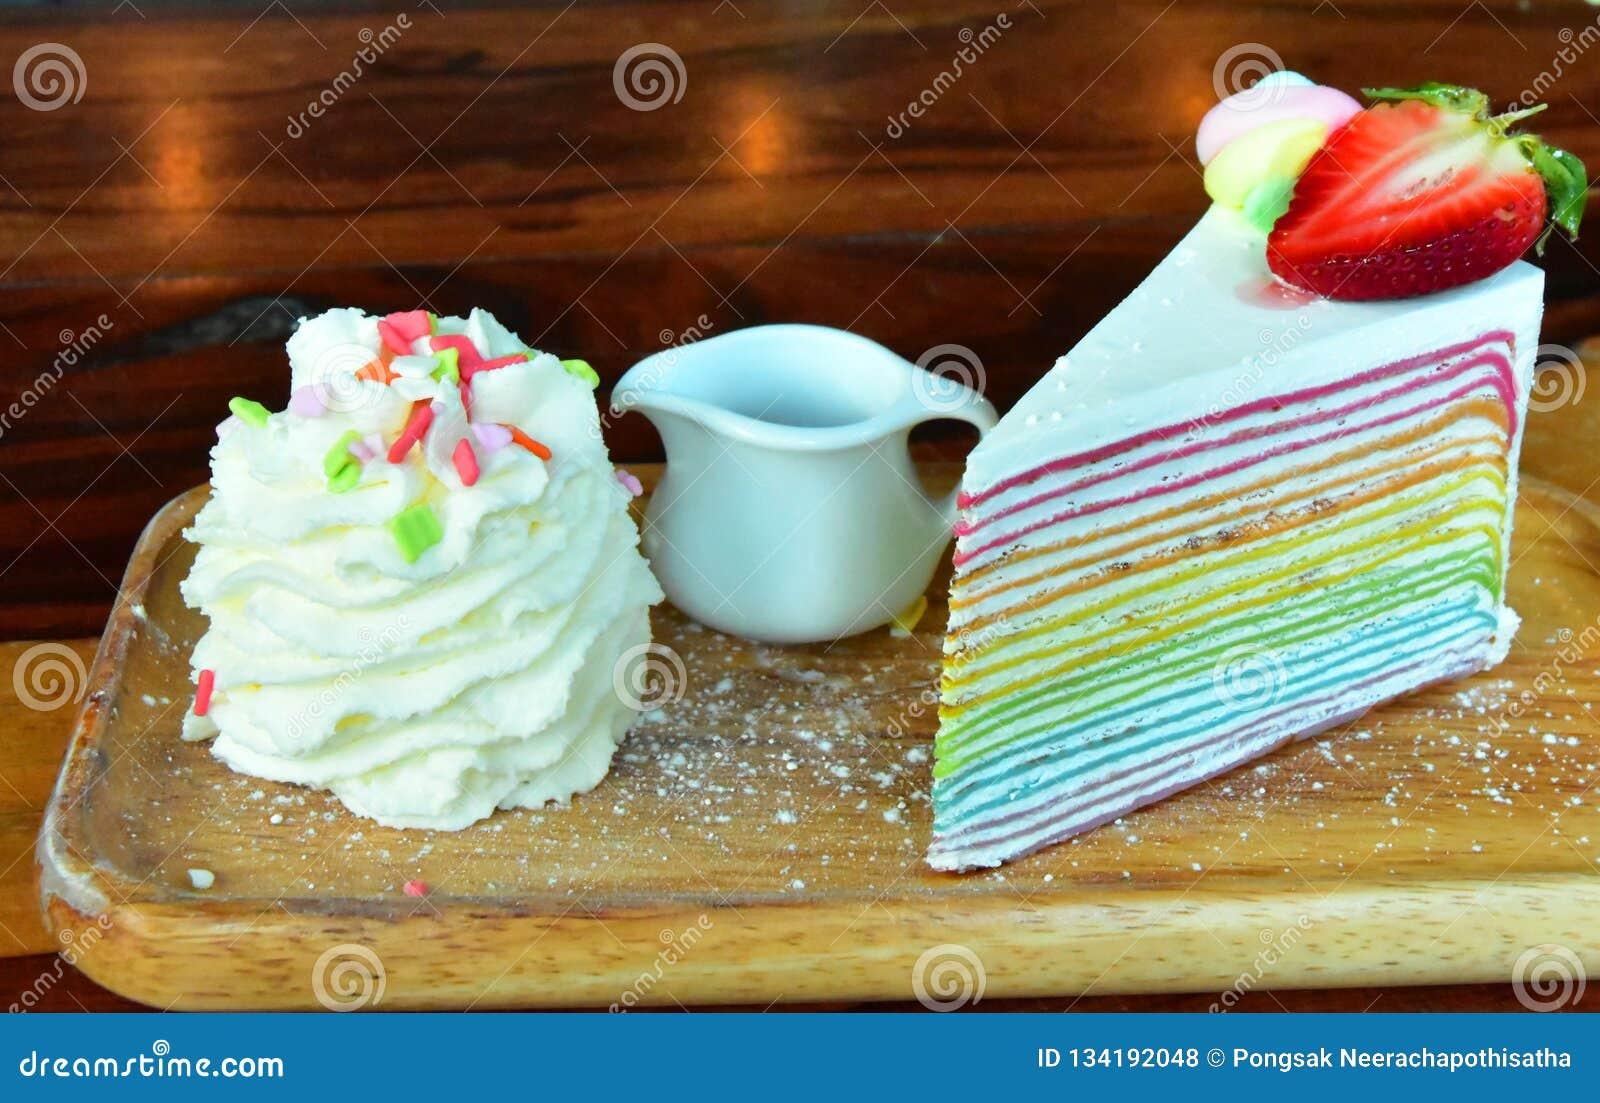 Regenbogen-Erdbeerkrepp Kuchen auf dem Tisch